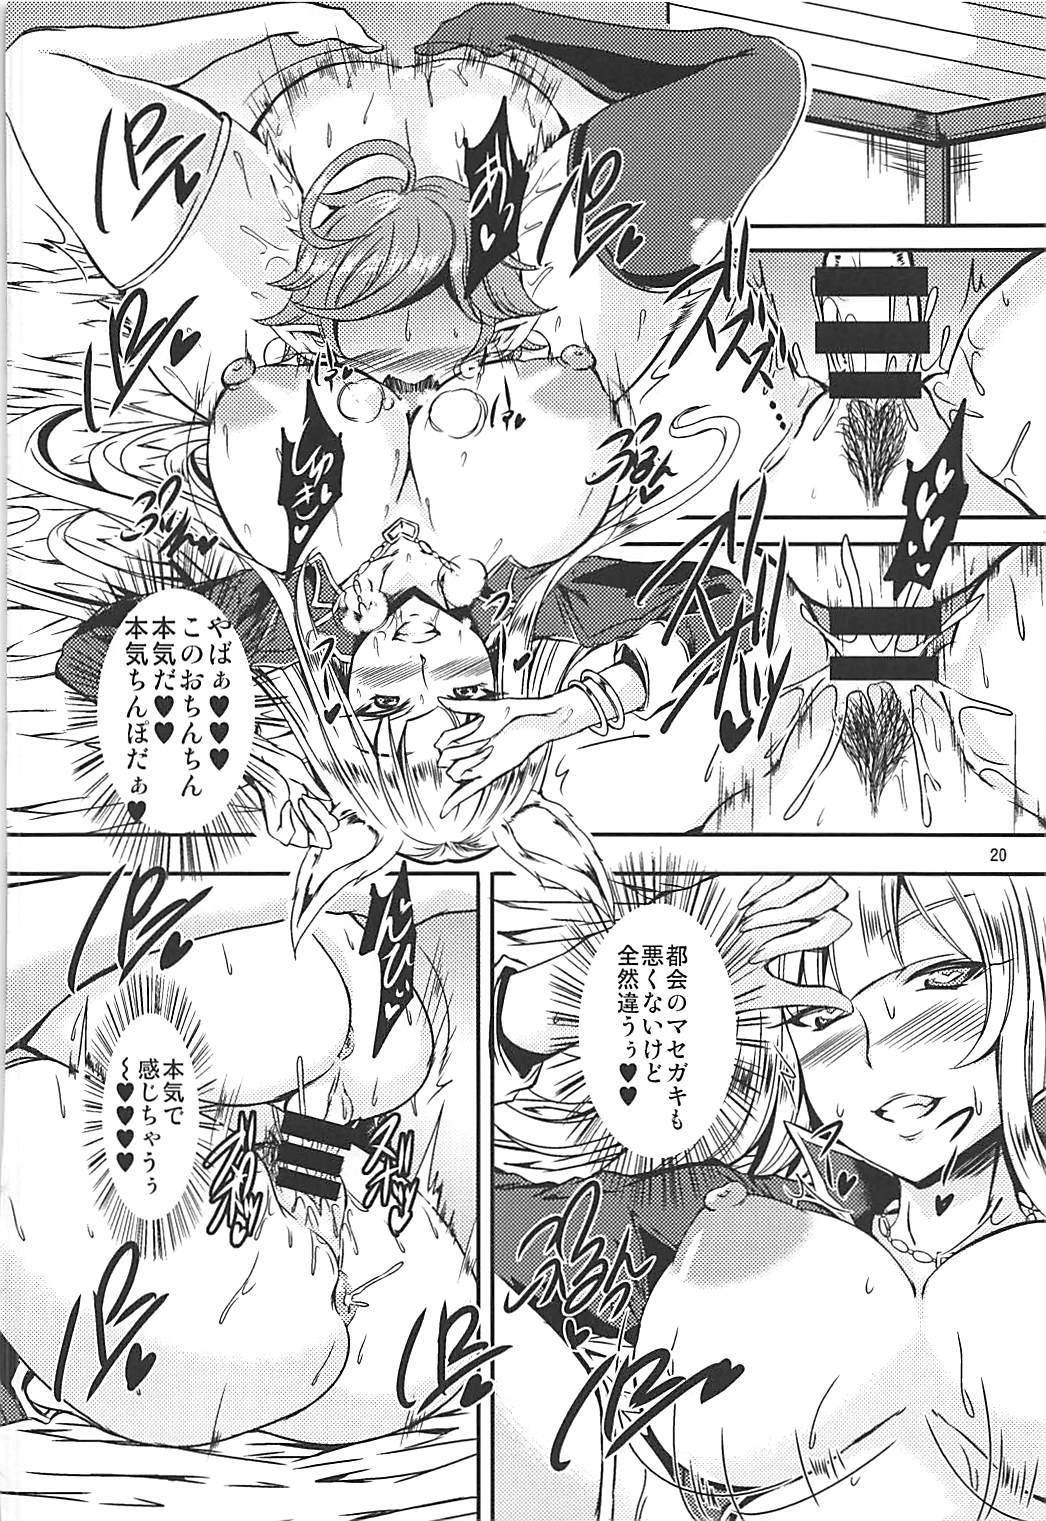 クロエのぉフェラでぇ~wい~っぱいおちんちんにぃバフかけちゃうよぉwww【グラブル エロ漫画・エロ同人】 (19)